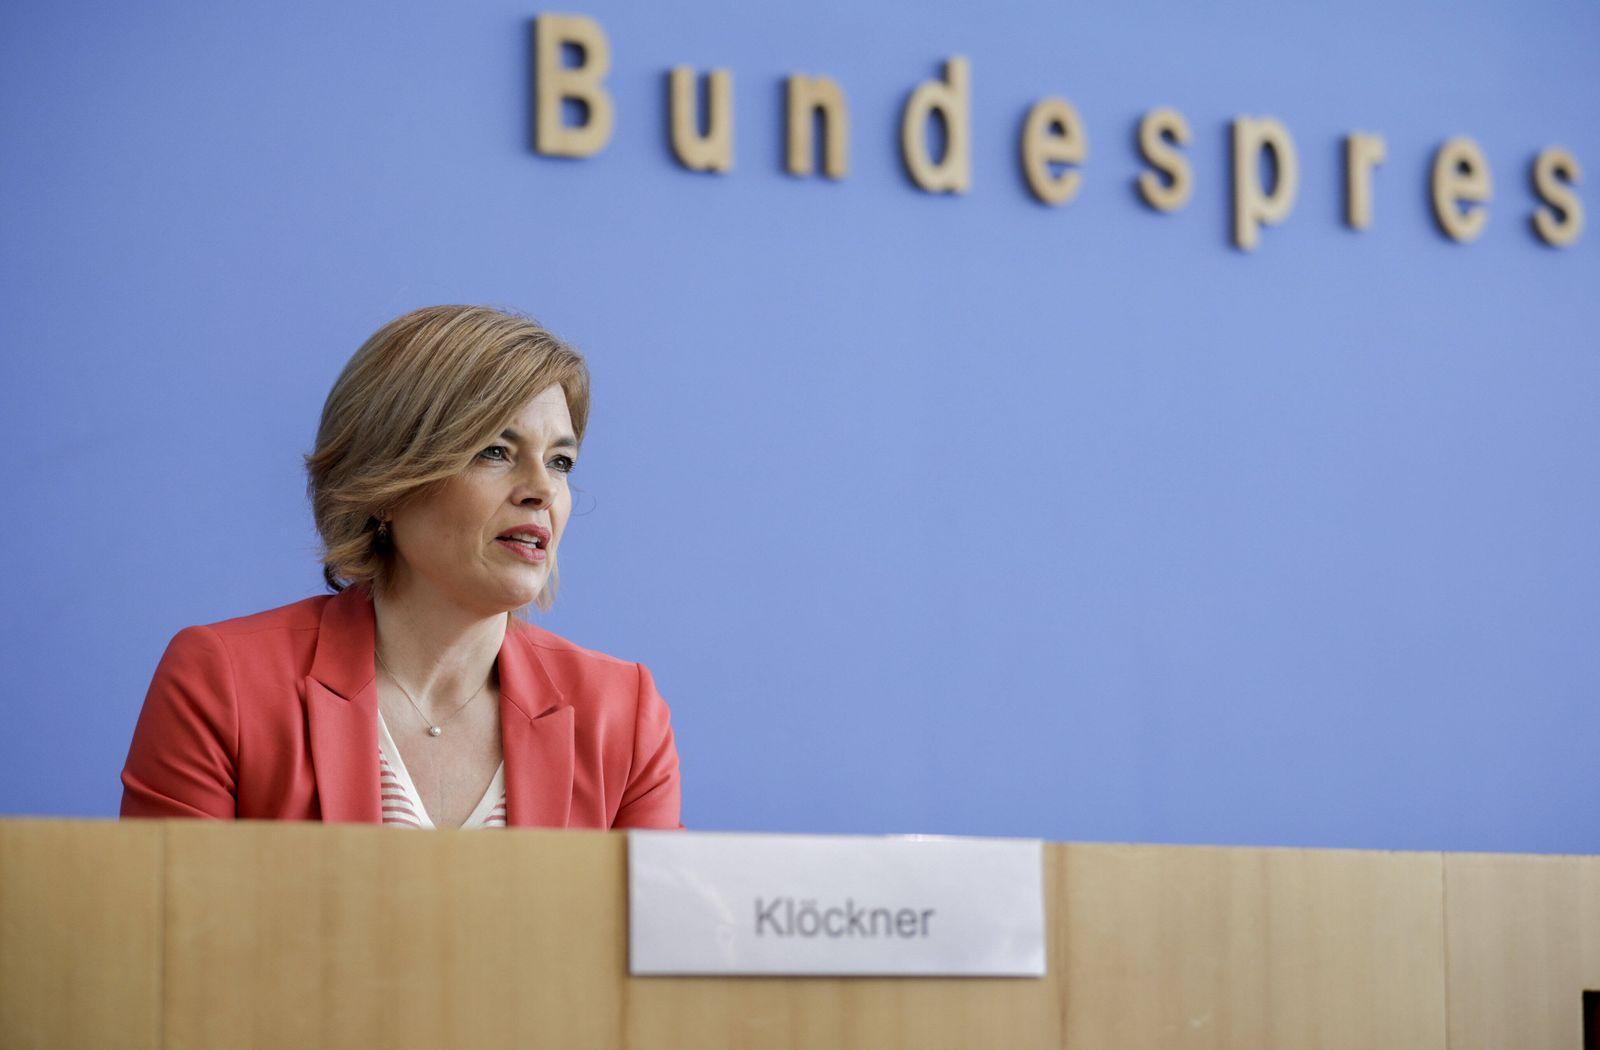 Bundeslandwirtschaftsministerin Julia Kloeckner, CDU, in der Bundespressekonferenz. Berlin 17.03.2020 Berlin Deutschland